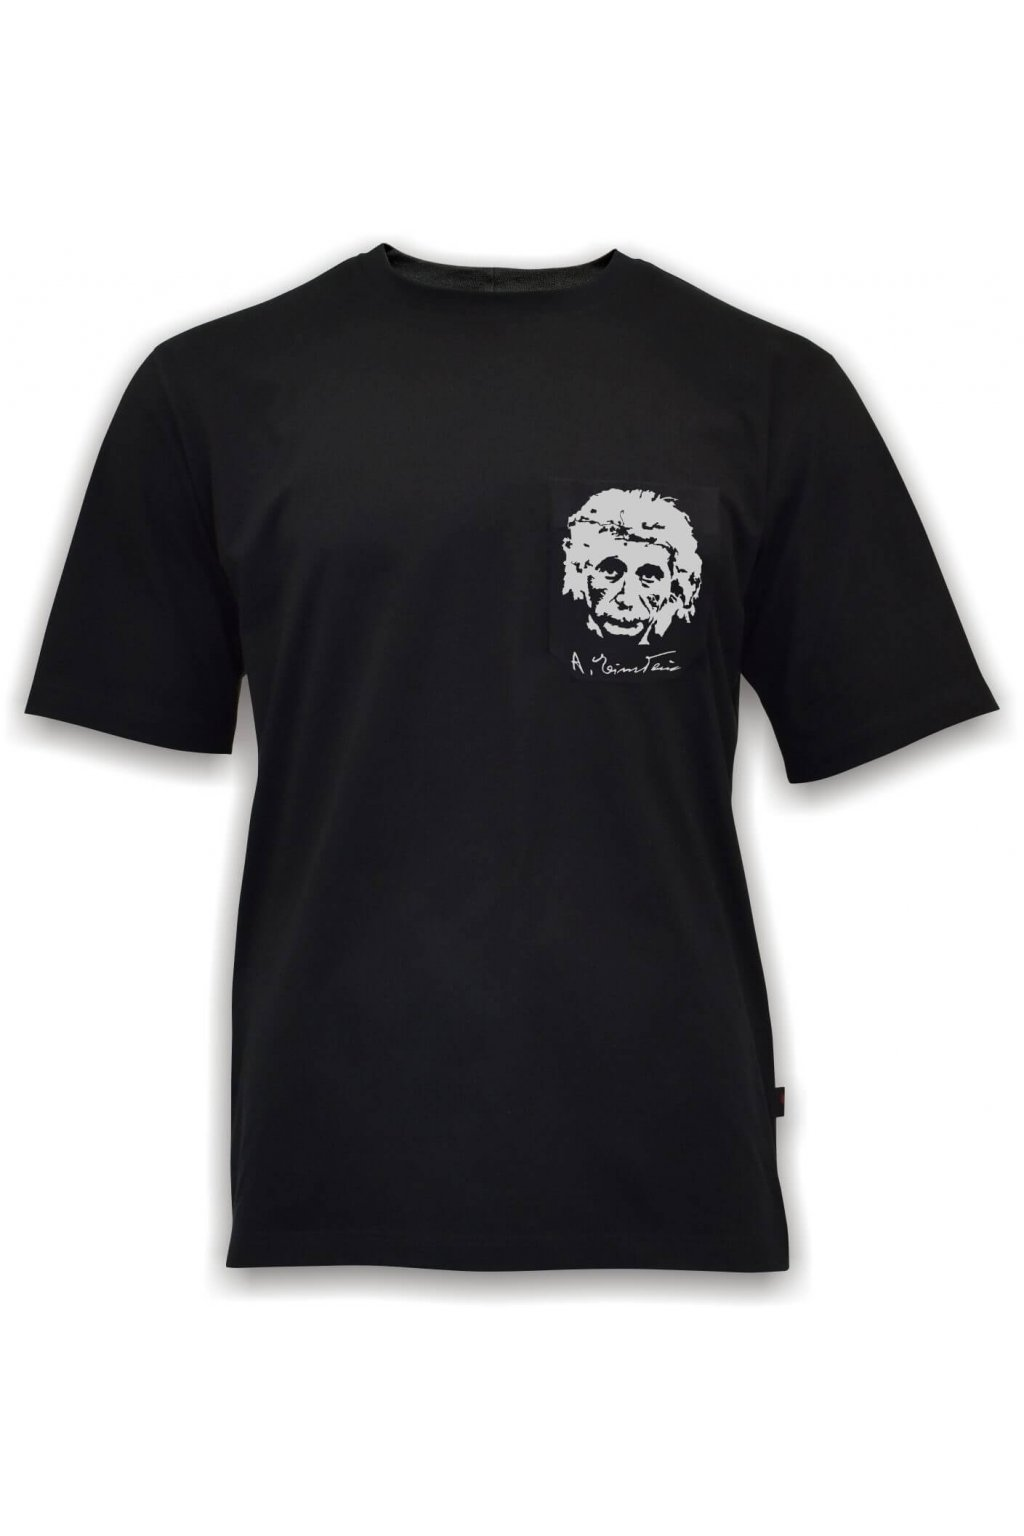 čierne-trendy-pánske-tričko-favab.sk.jpg